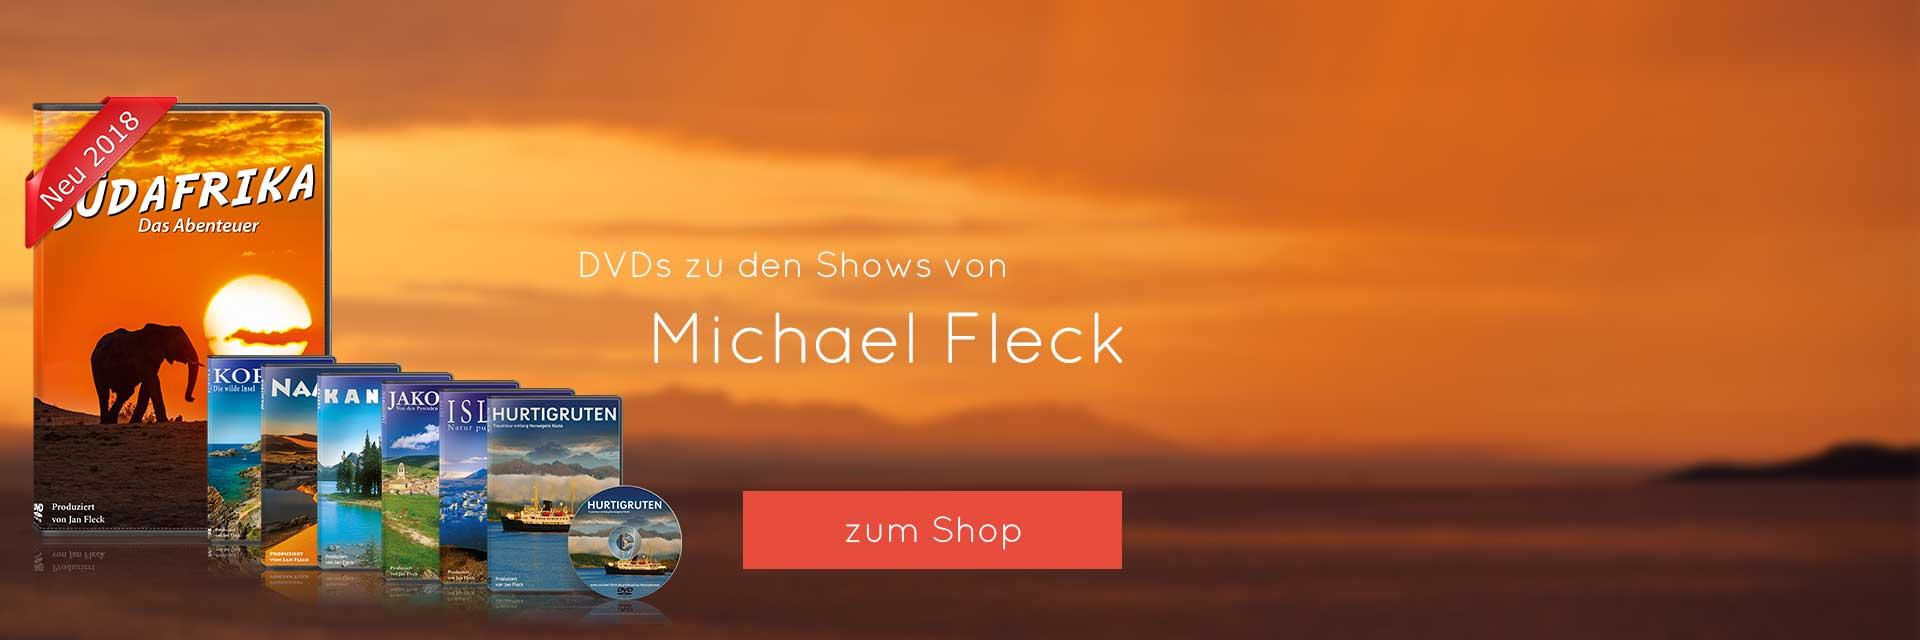 DVDs zu den Shows von Michael Fleck -  Bild von Sonnenuntergang bei den Hurtigruten